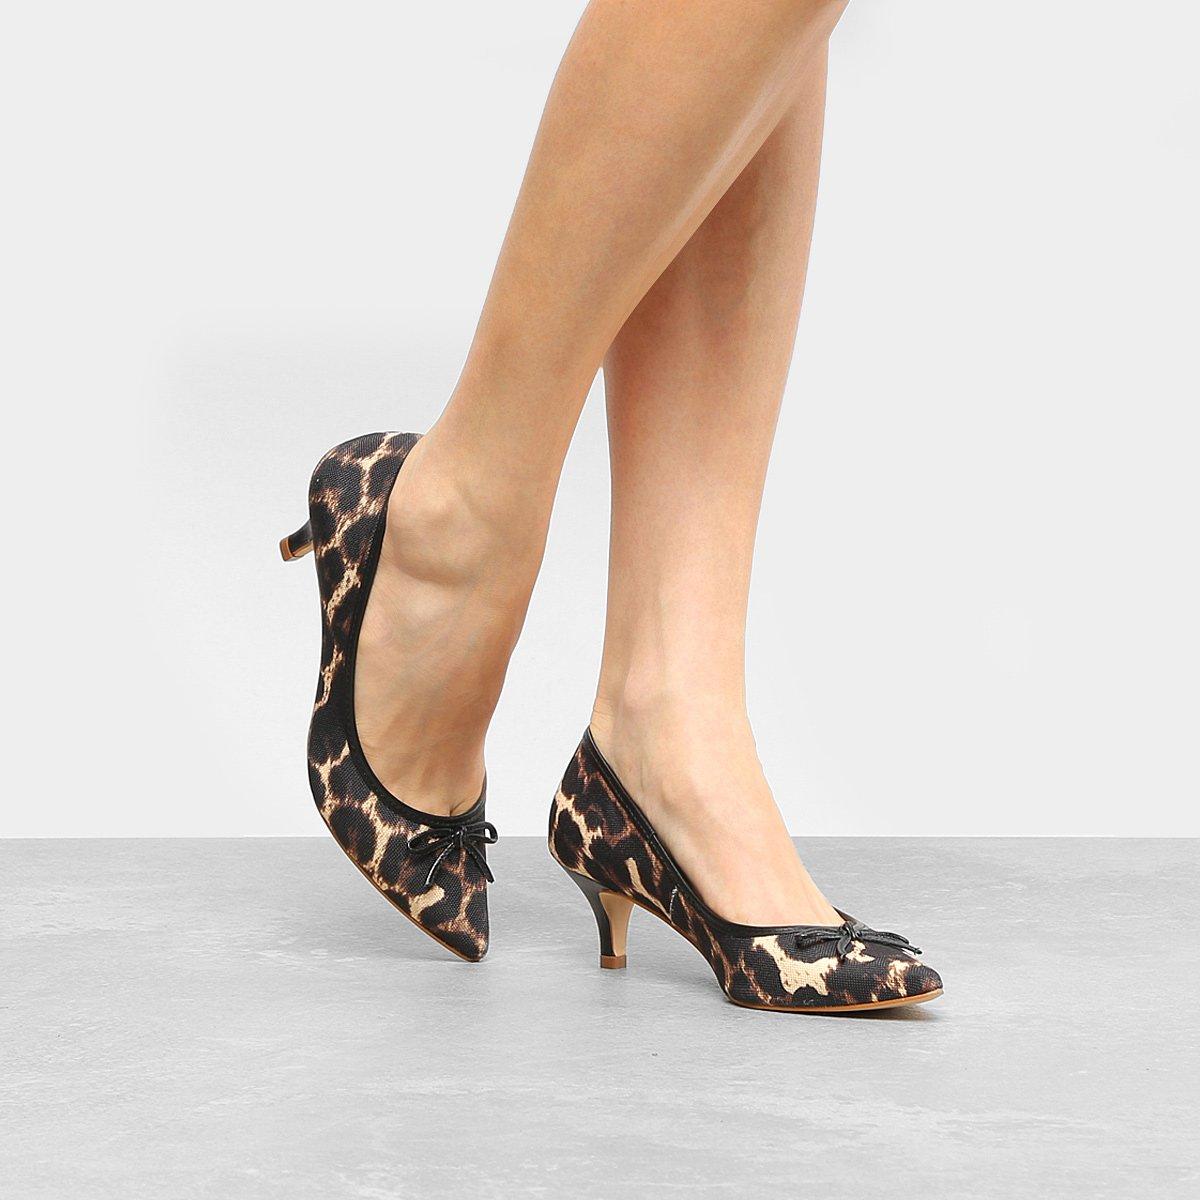 e3ad7aa733 Scarpin Shoestock Salto Médio Laço - Compre Agora